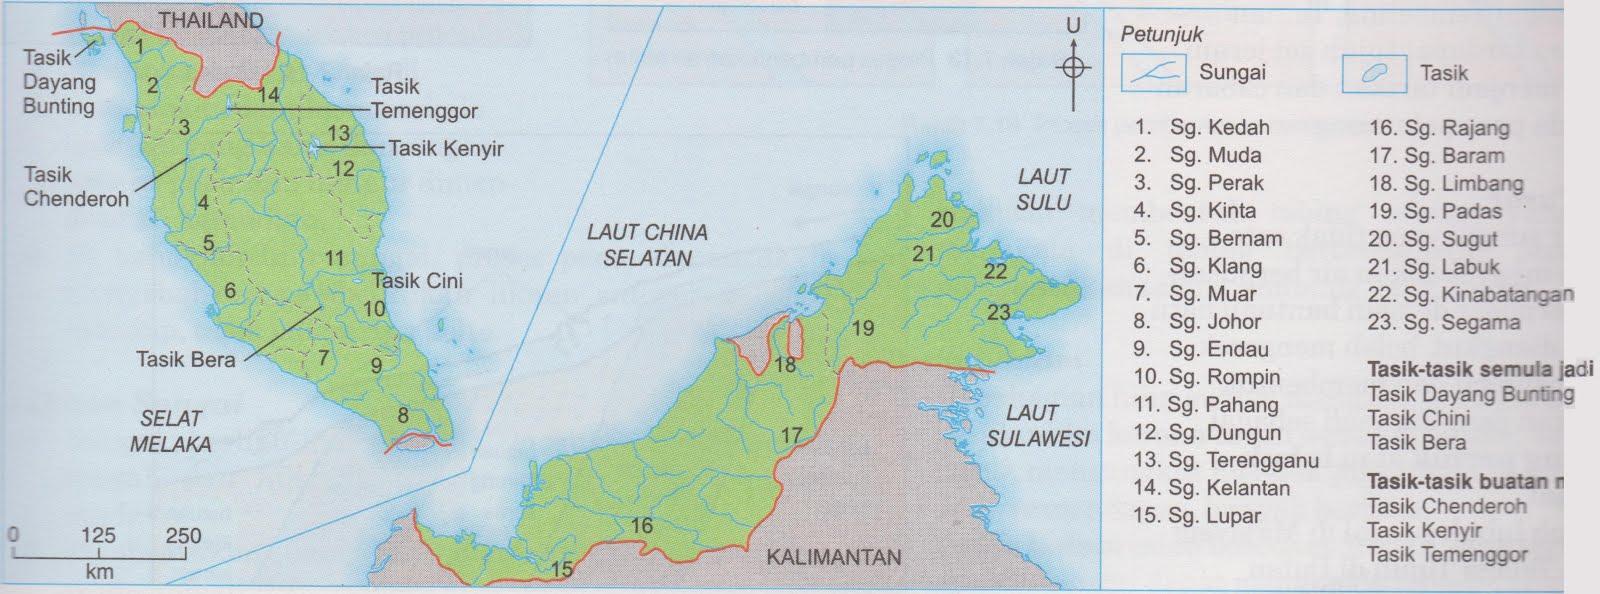 Peta 1 : taburan sungai dan tasik utama di malaysia